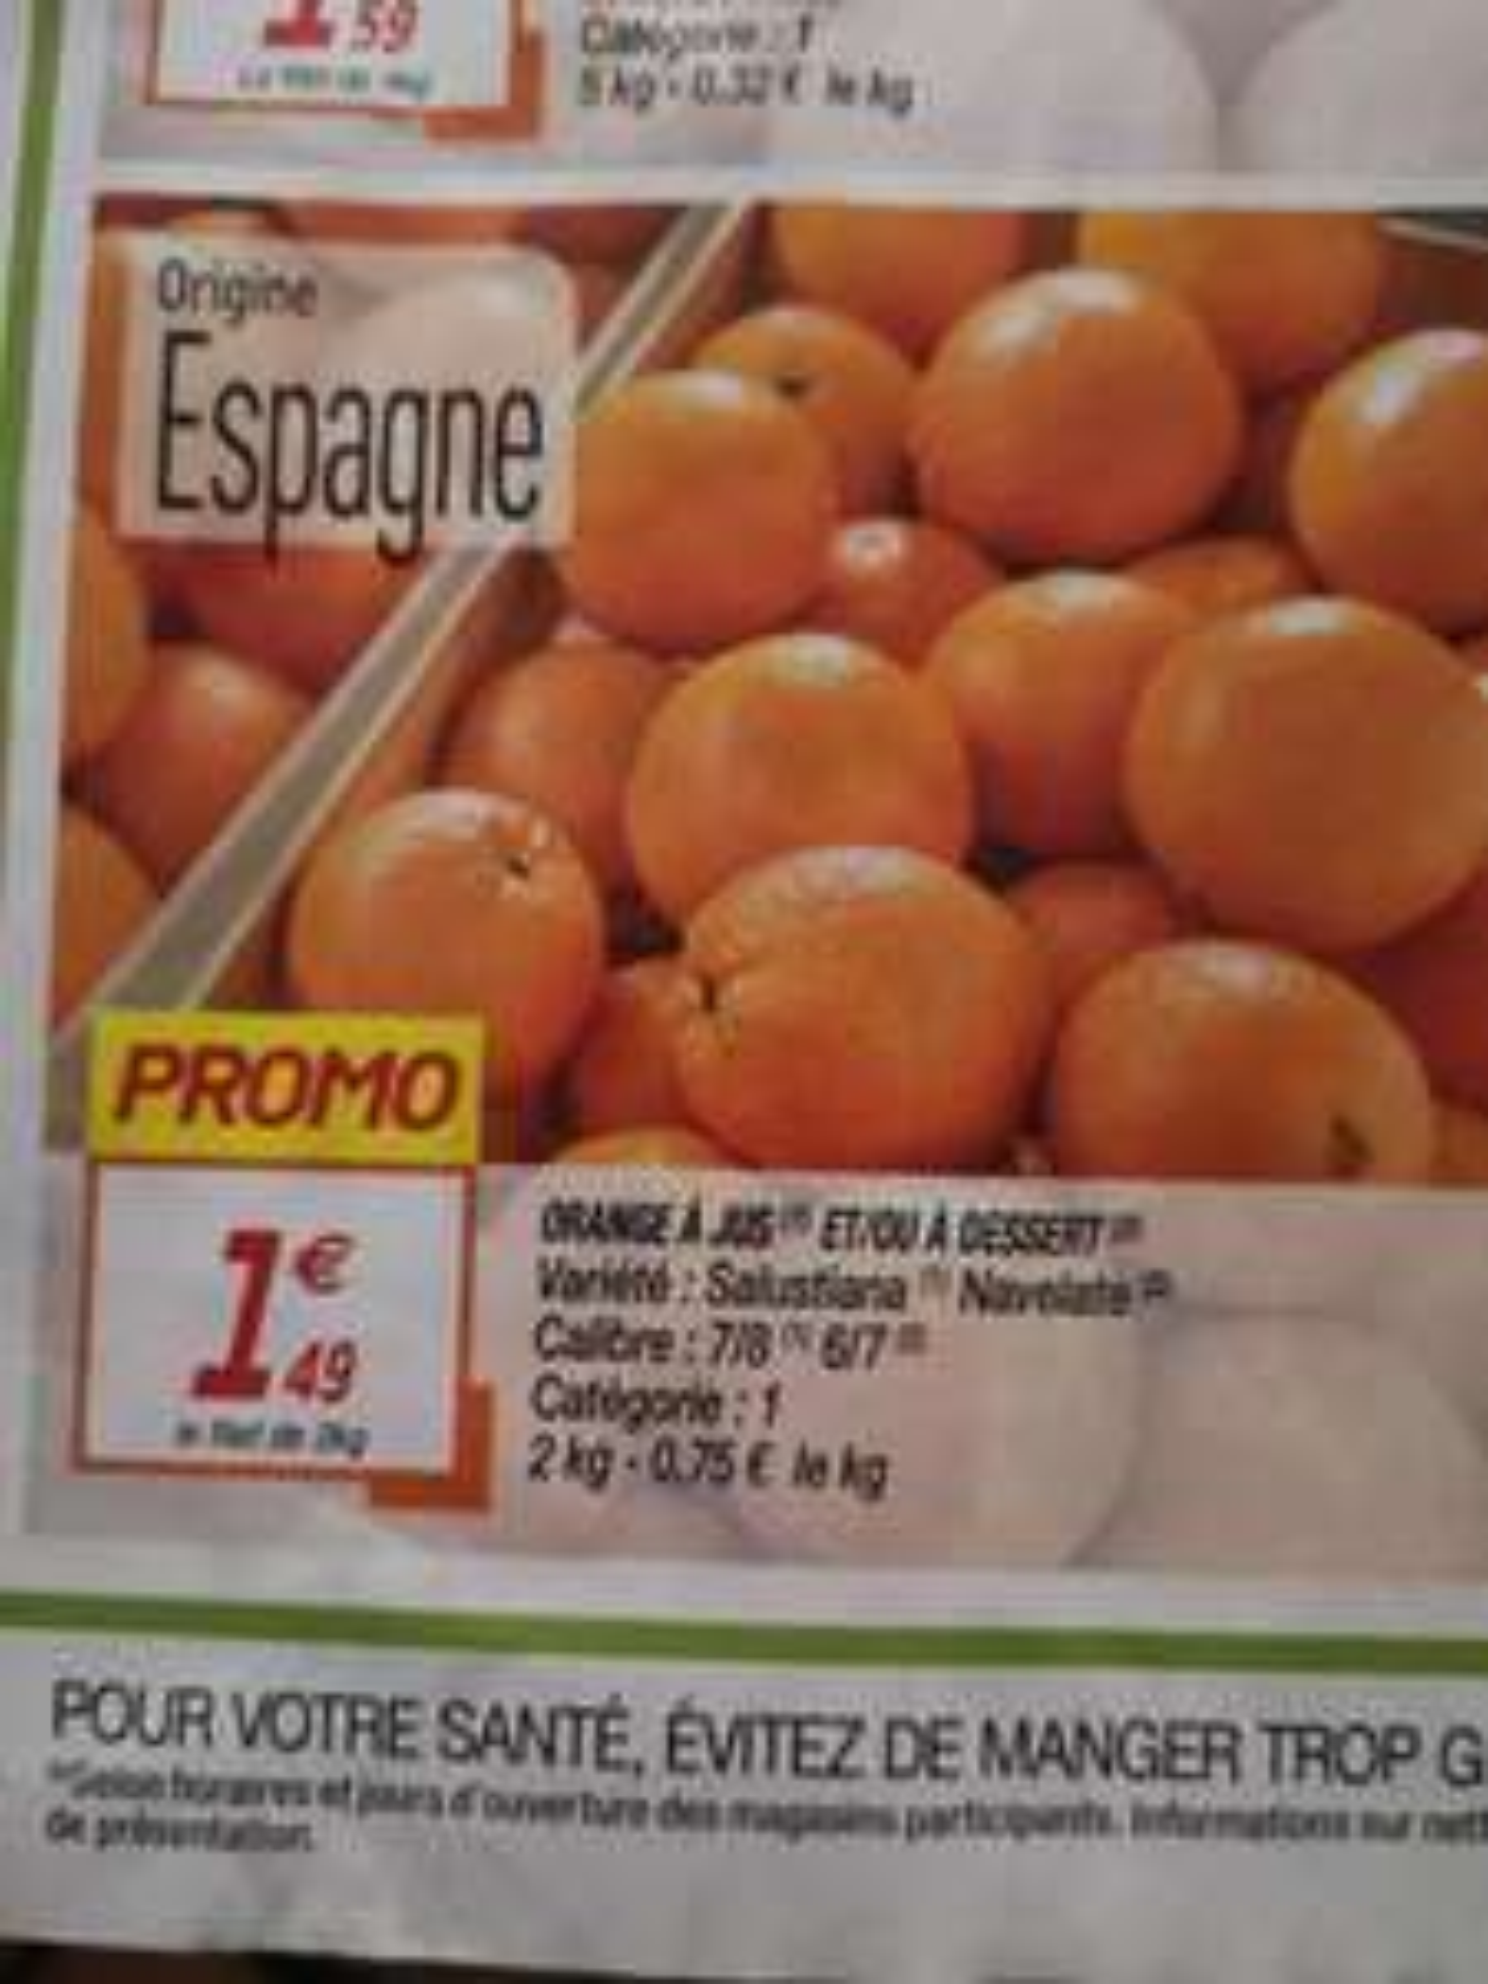 Filet d'oranges de 2 kg - calibre 7/8, catégorie 1 (Origine Espagne)